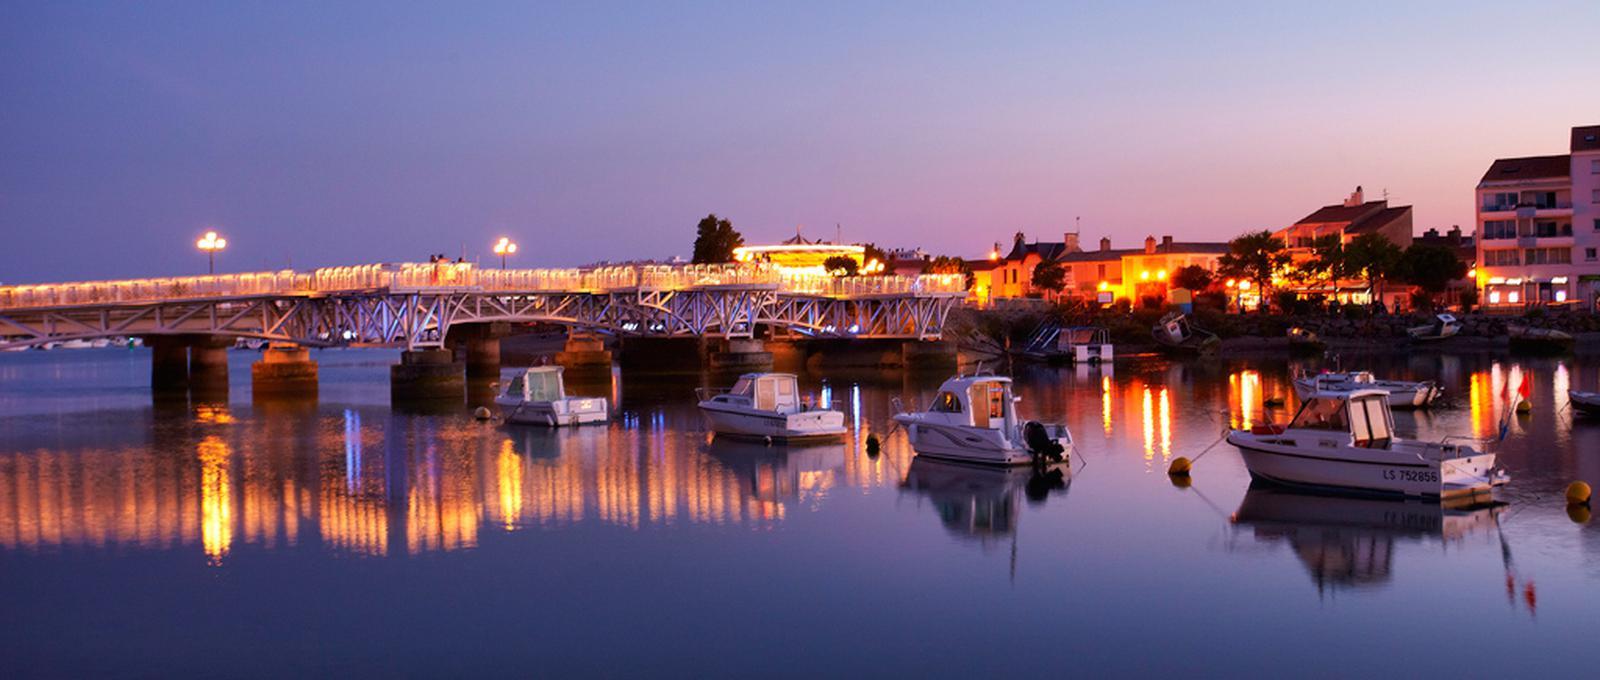 Port de saint-Gilles-Croix-de-Vie Crédit Photo: Alexandre Lamoureux